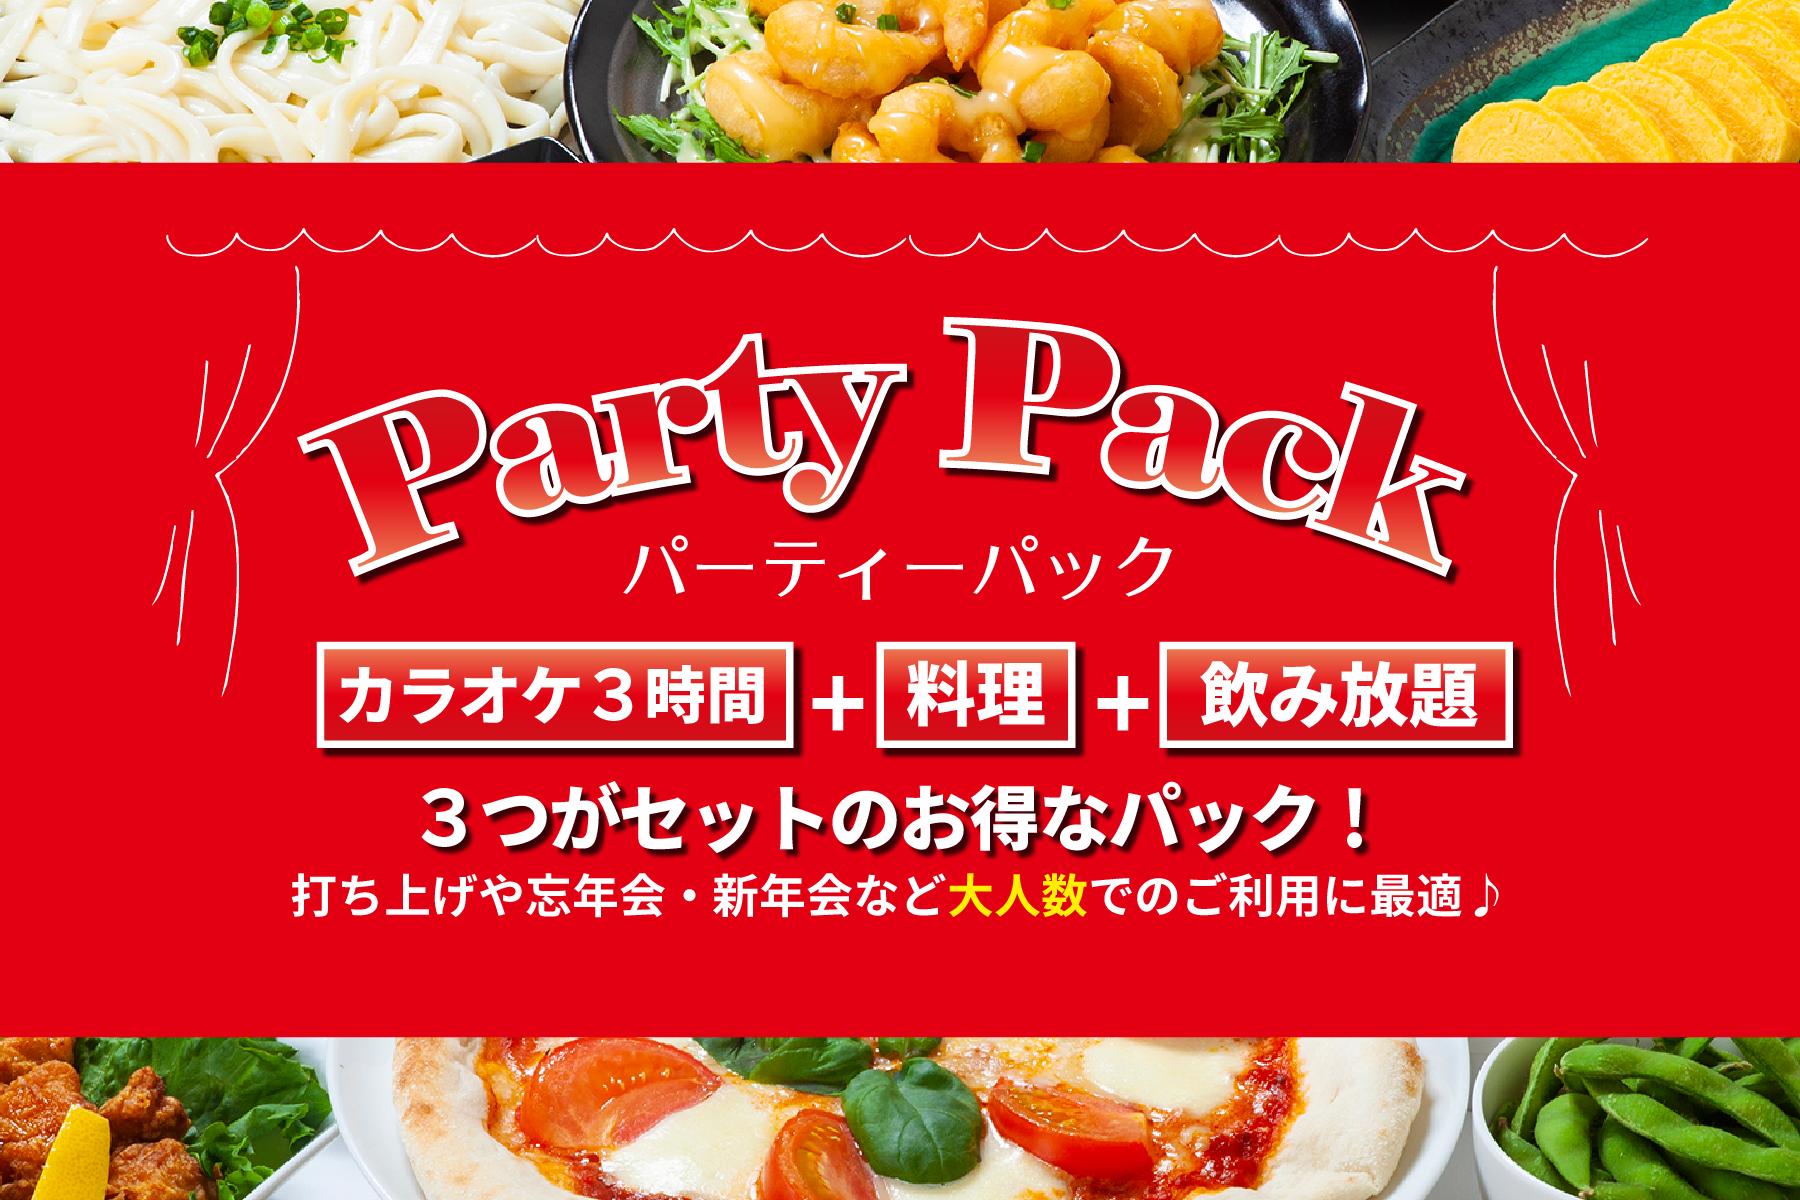 新着情報 | 大人数でのご利用は、カラオケ・料理・飲み放題がセットのパーティーパックがおすすめです!